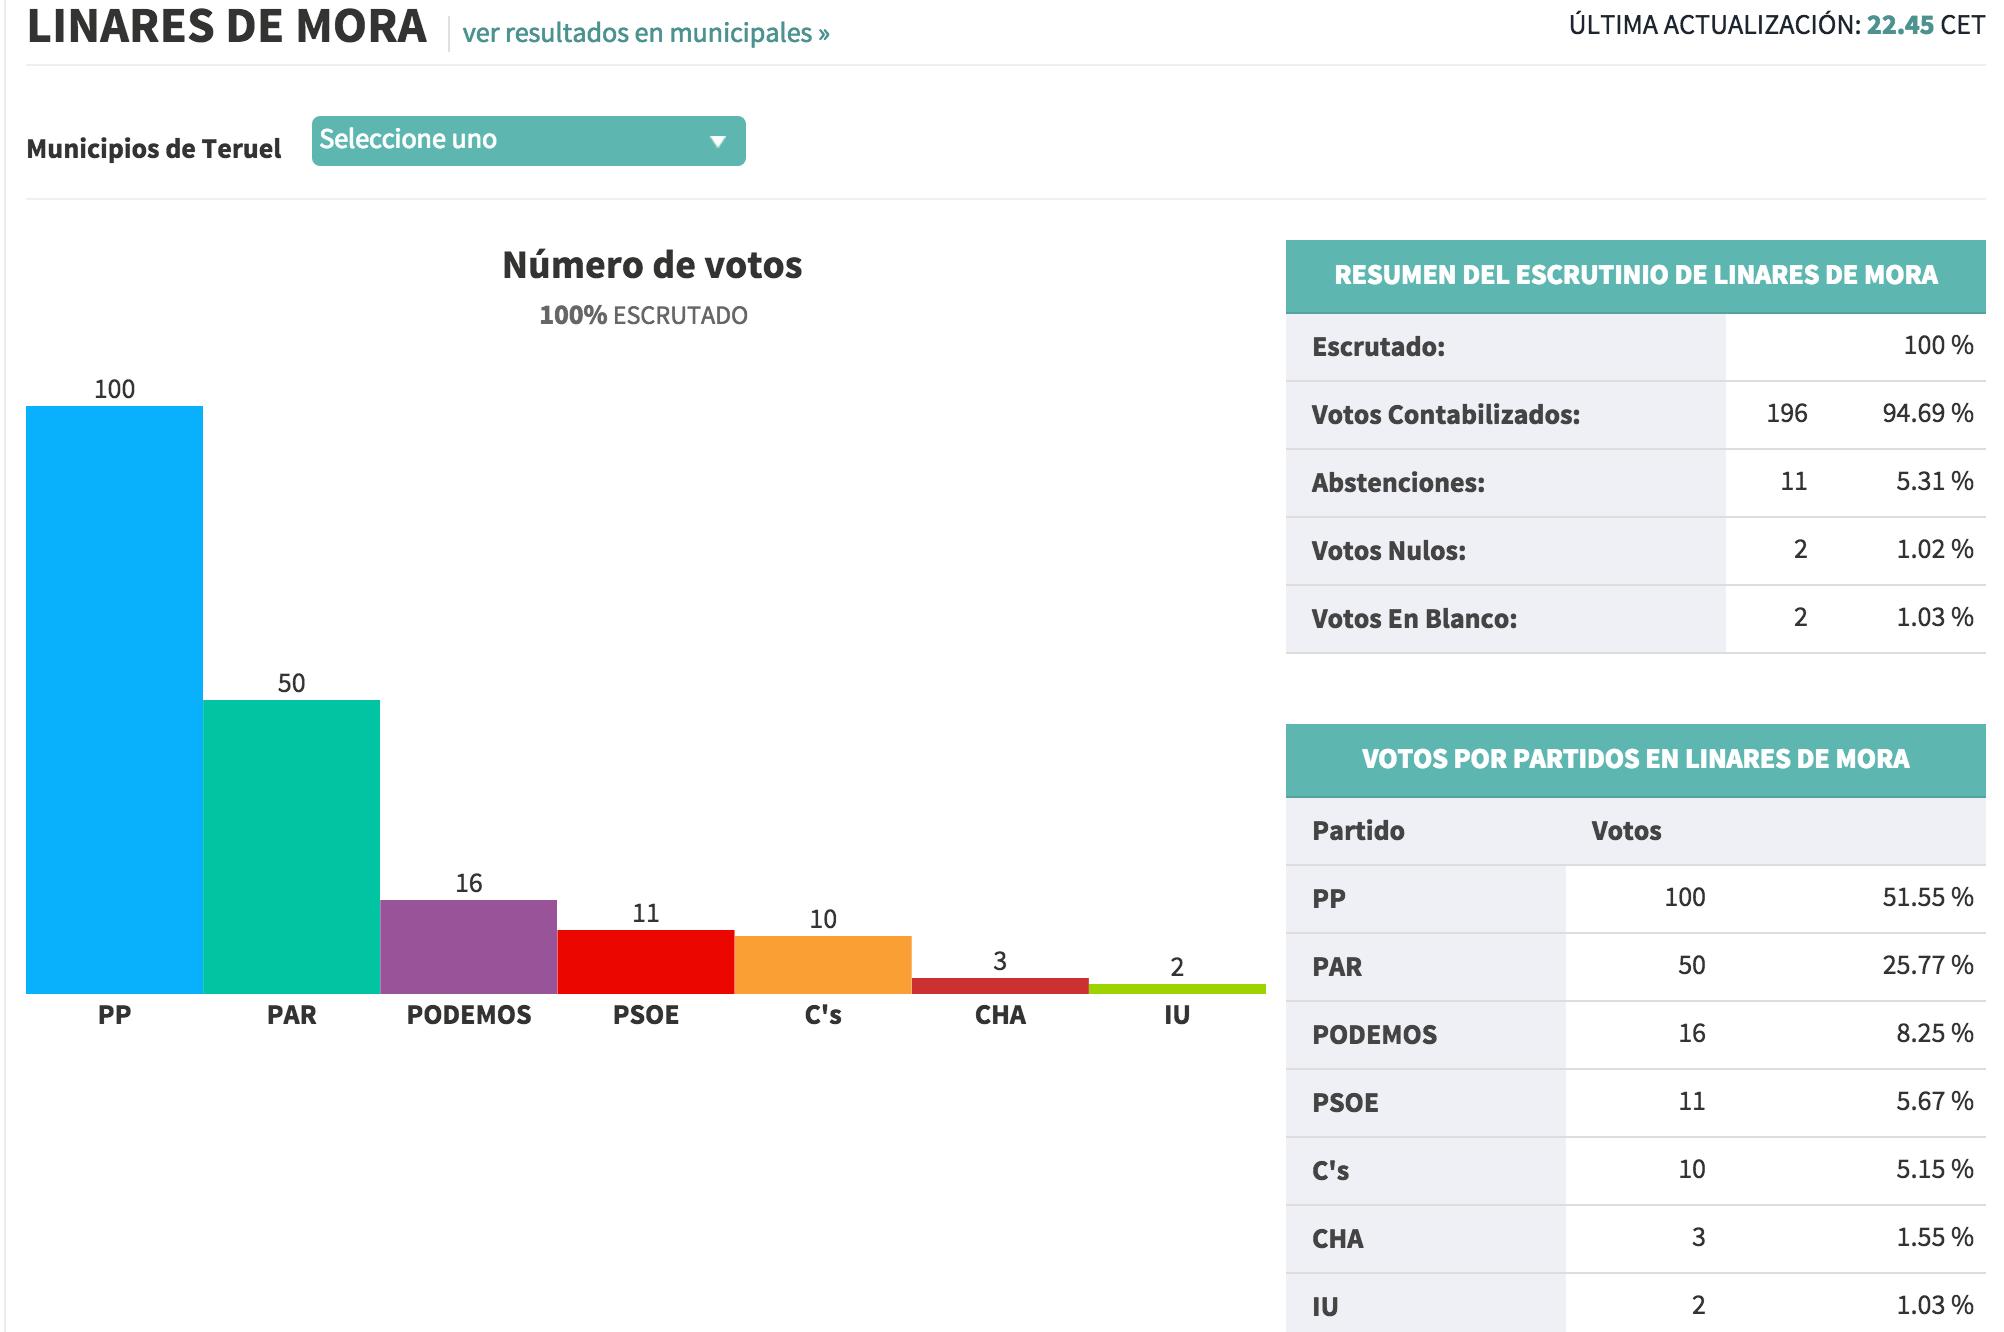 Resultados elecciones autonómicas Linares de Mora 2015